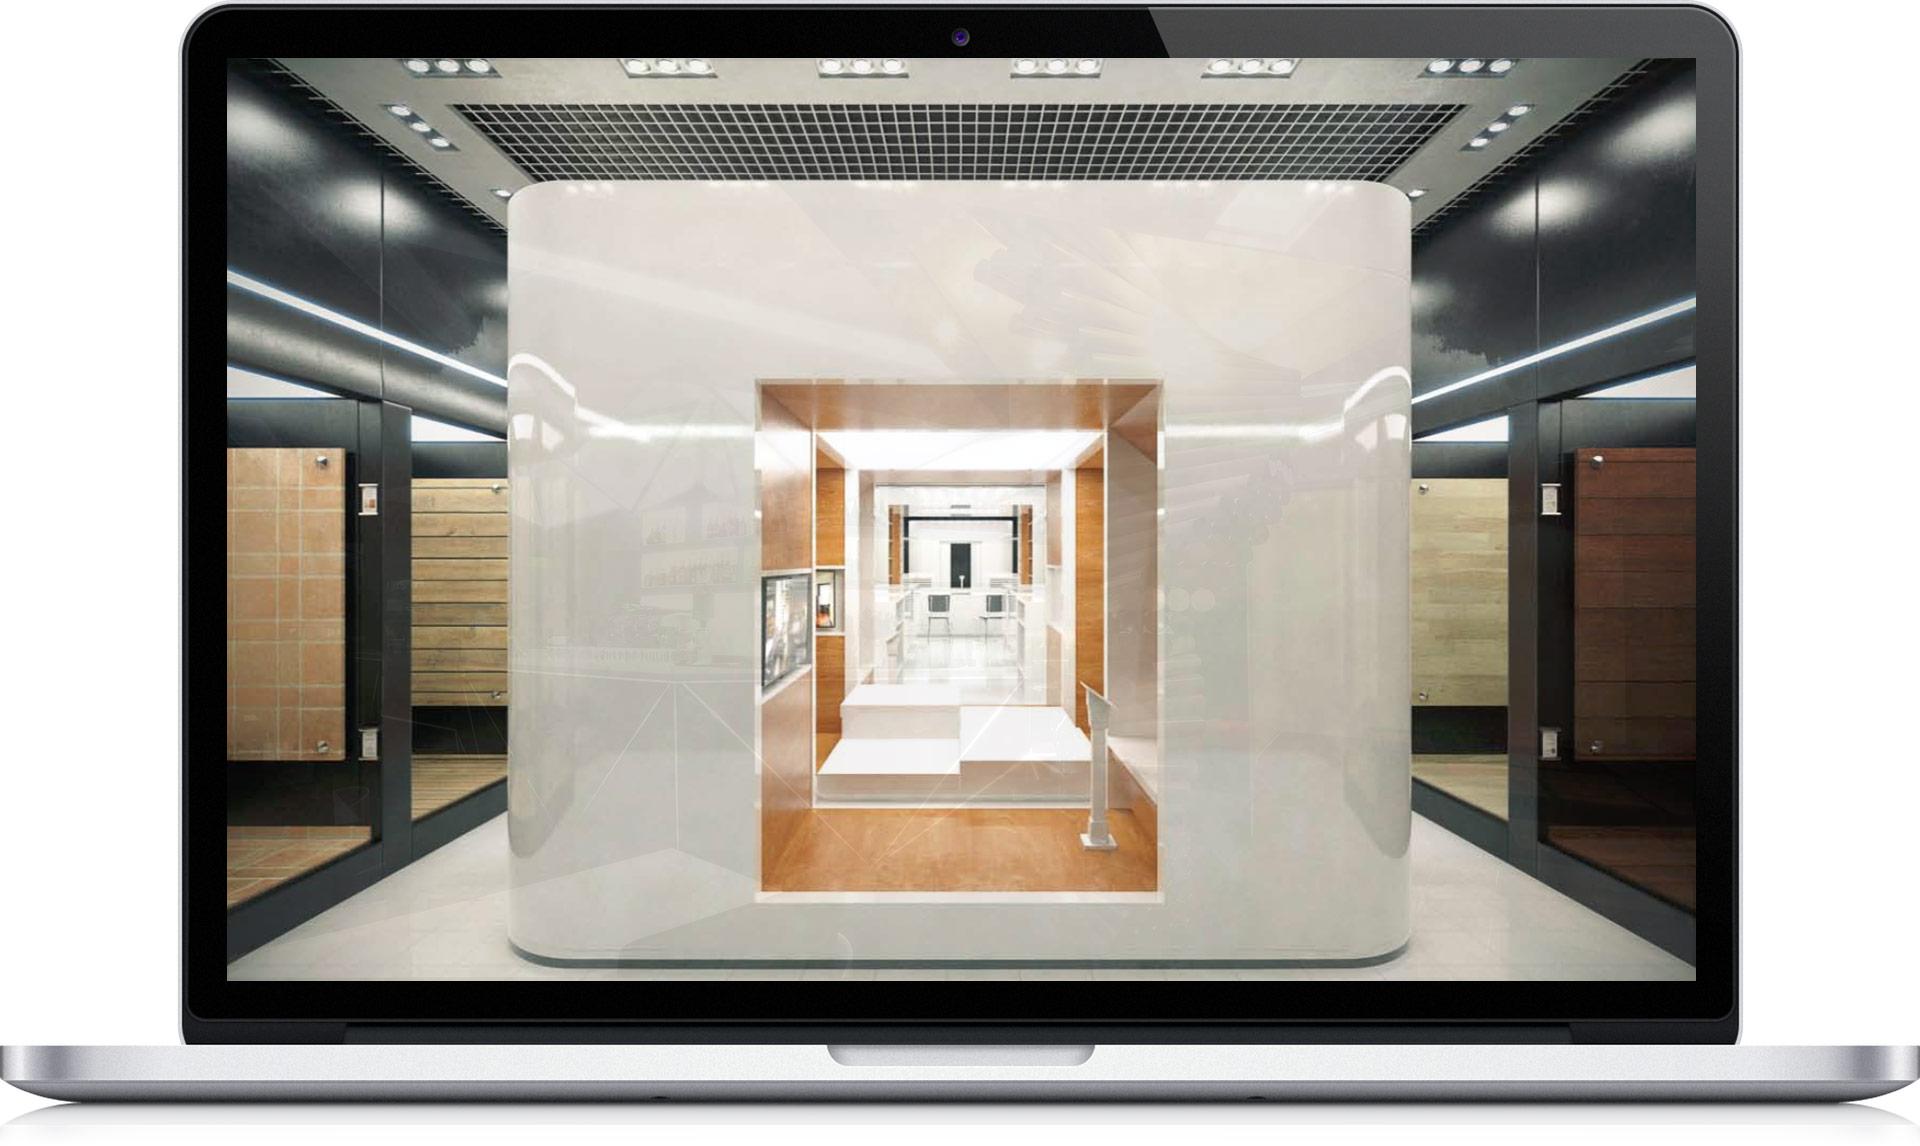 Progettazione ed arredamento per negozi a venezia padova for Negozi per mobili